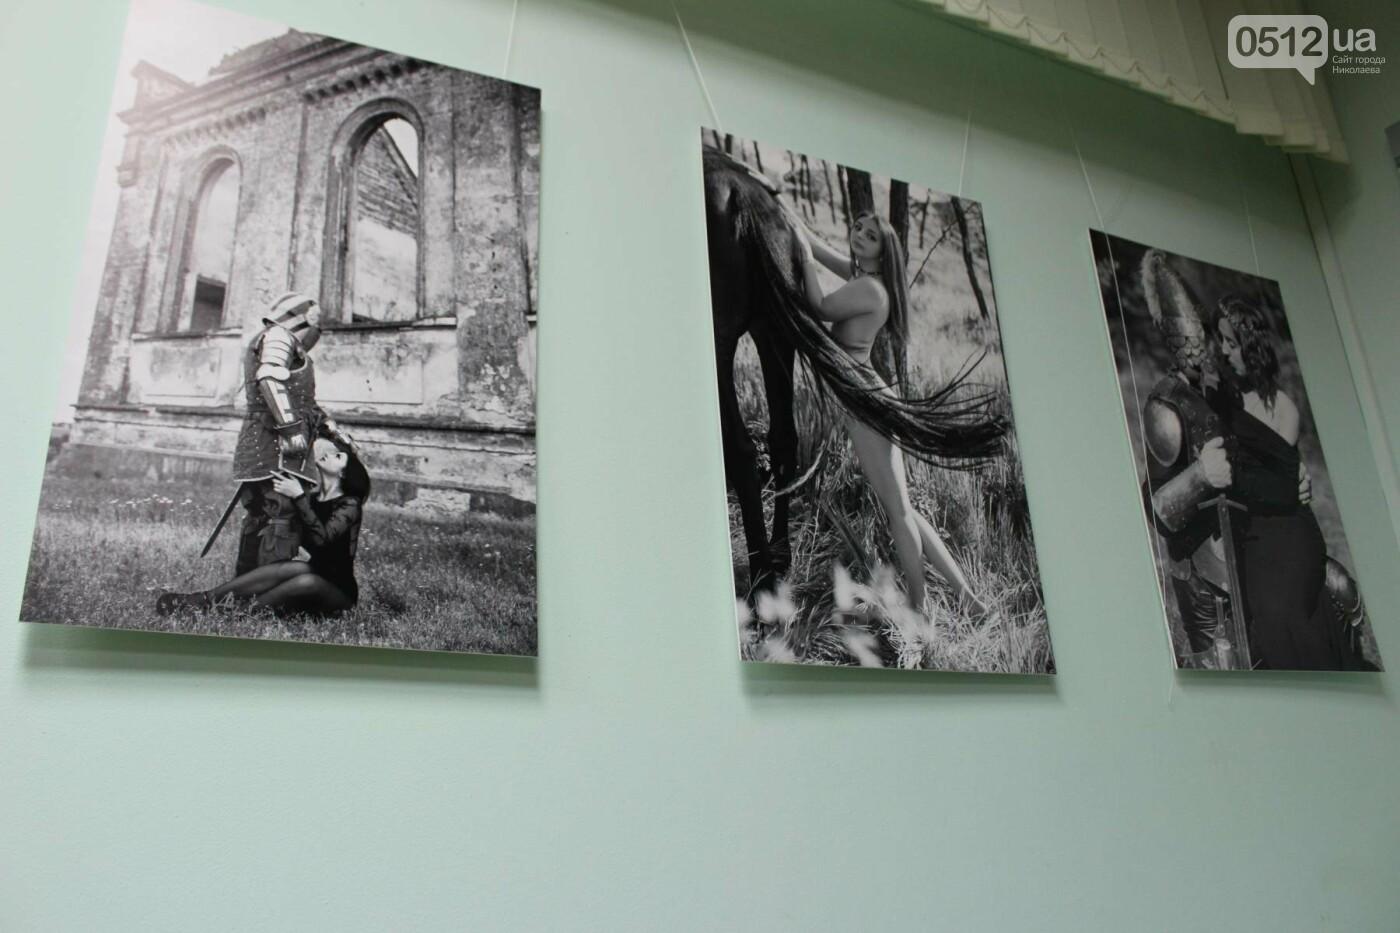 Николаевский фотограф Слава Поседай представила новую выставку «12+1» (ФОТО), фото-11